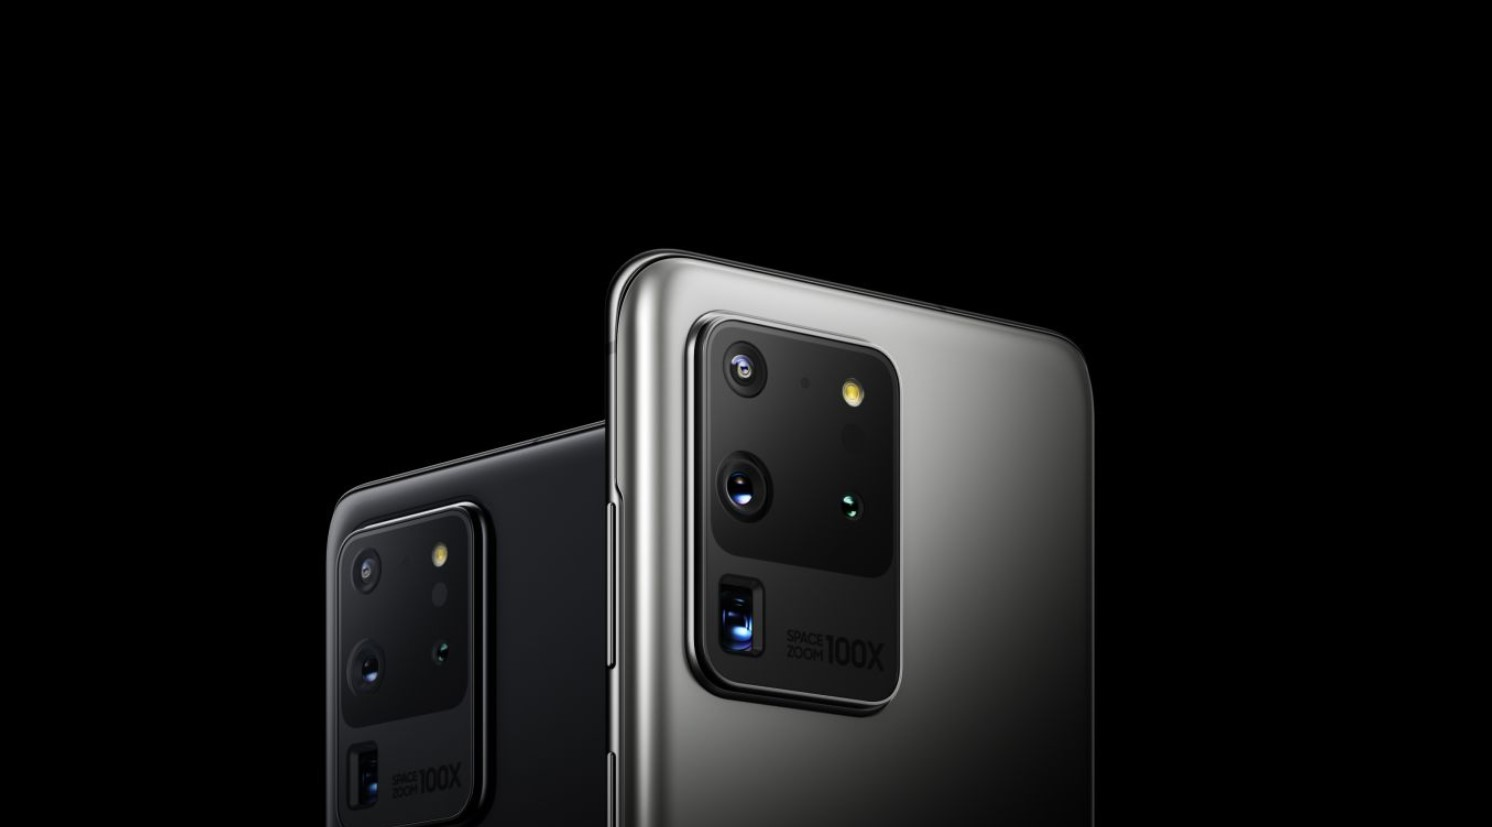 قم بتنزيل ZGCAM 7.4 APK لأجهزة Samsung Galaxy متغيرات Exynos |  أفضل تطبيق Google Camera APK Mod 1